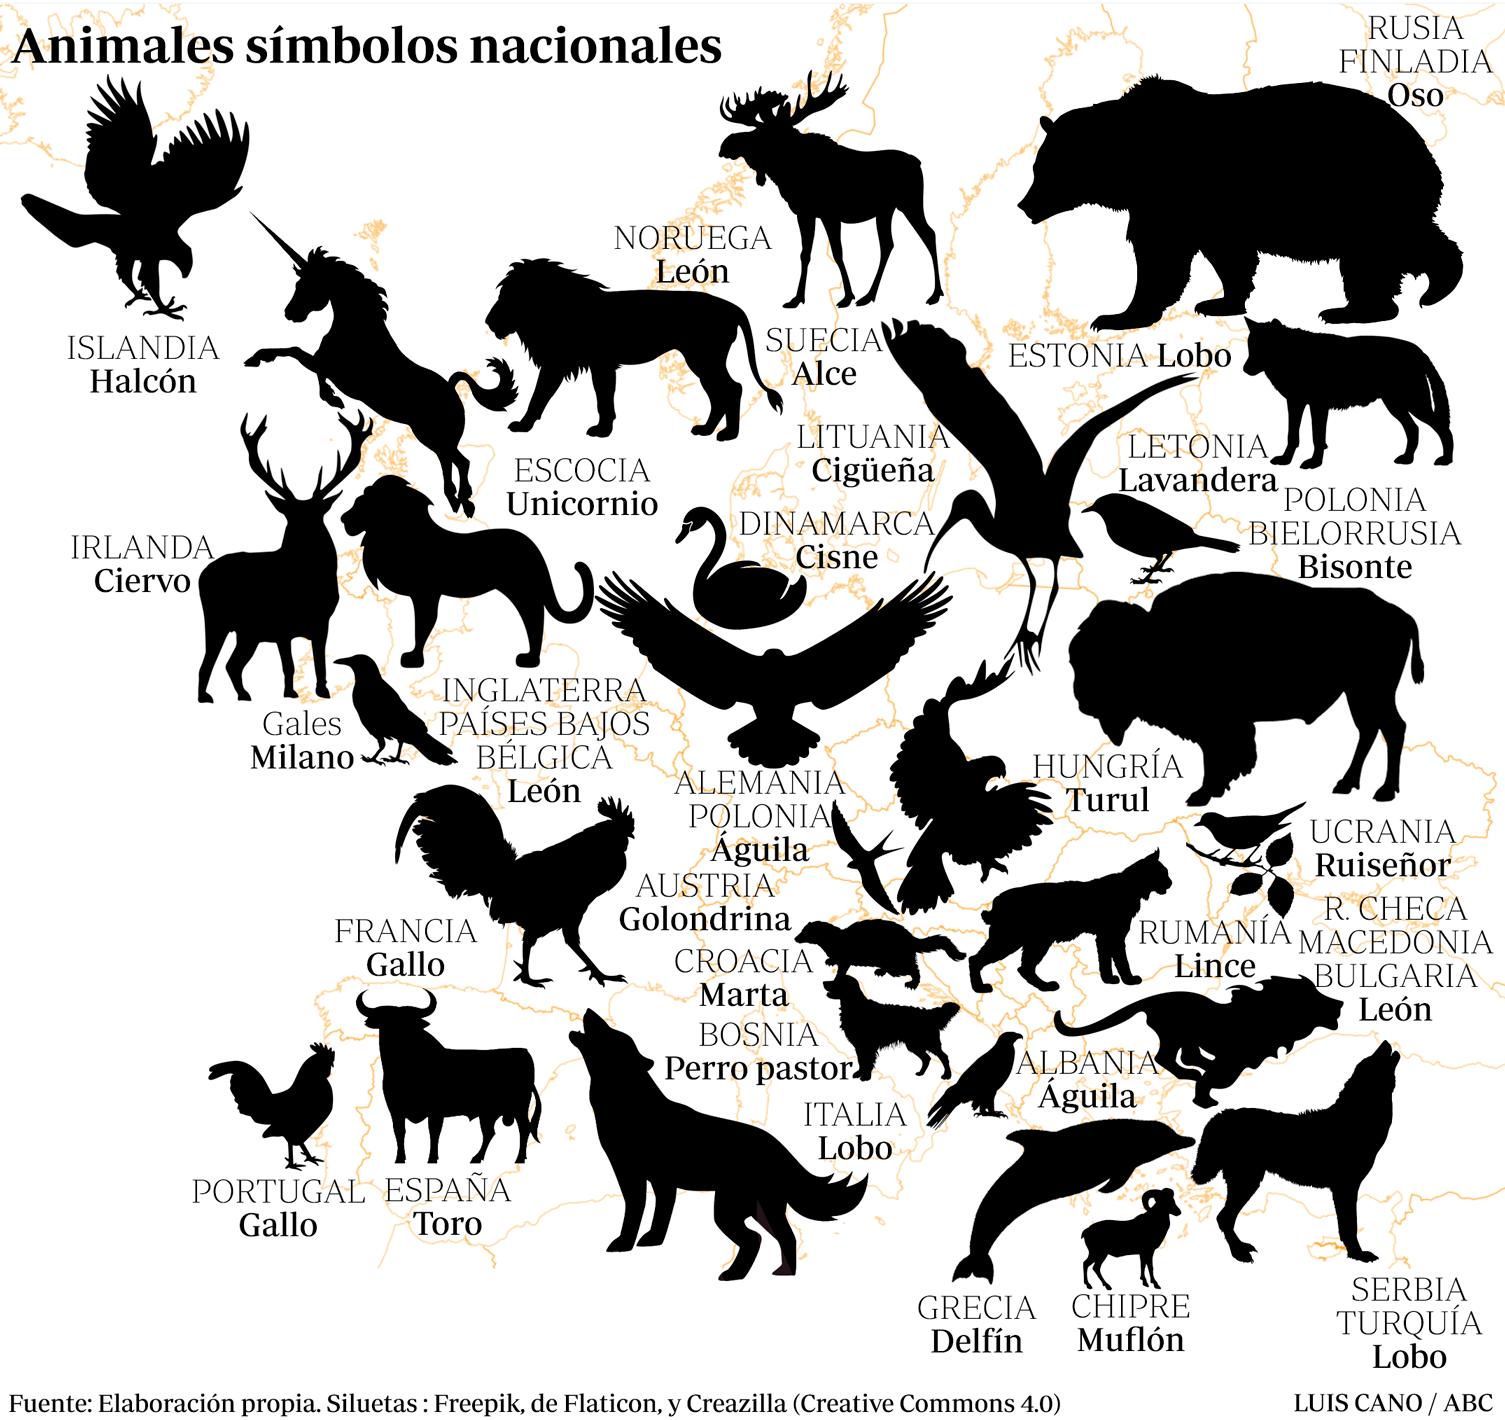 Animales símbolos nacionales de cada país de Europa